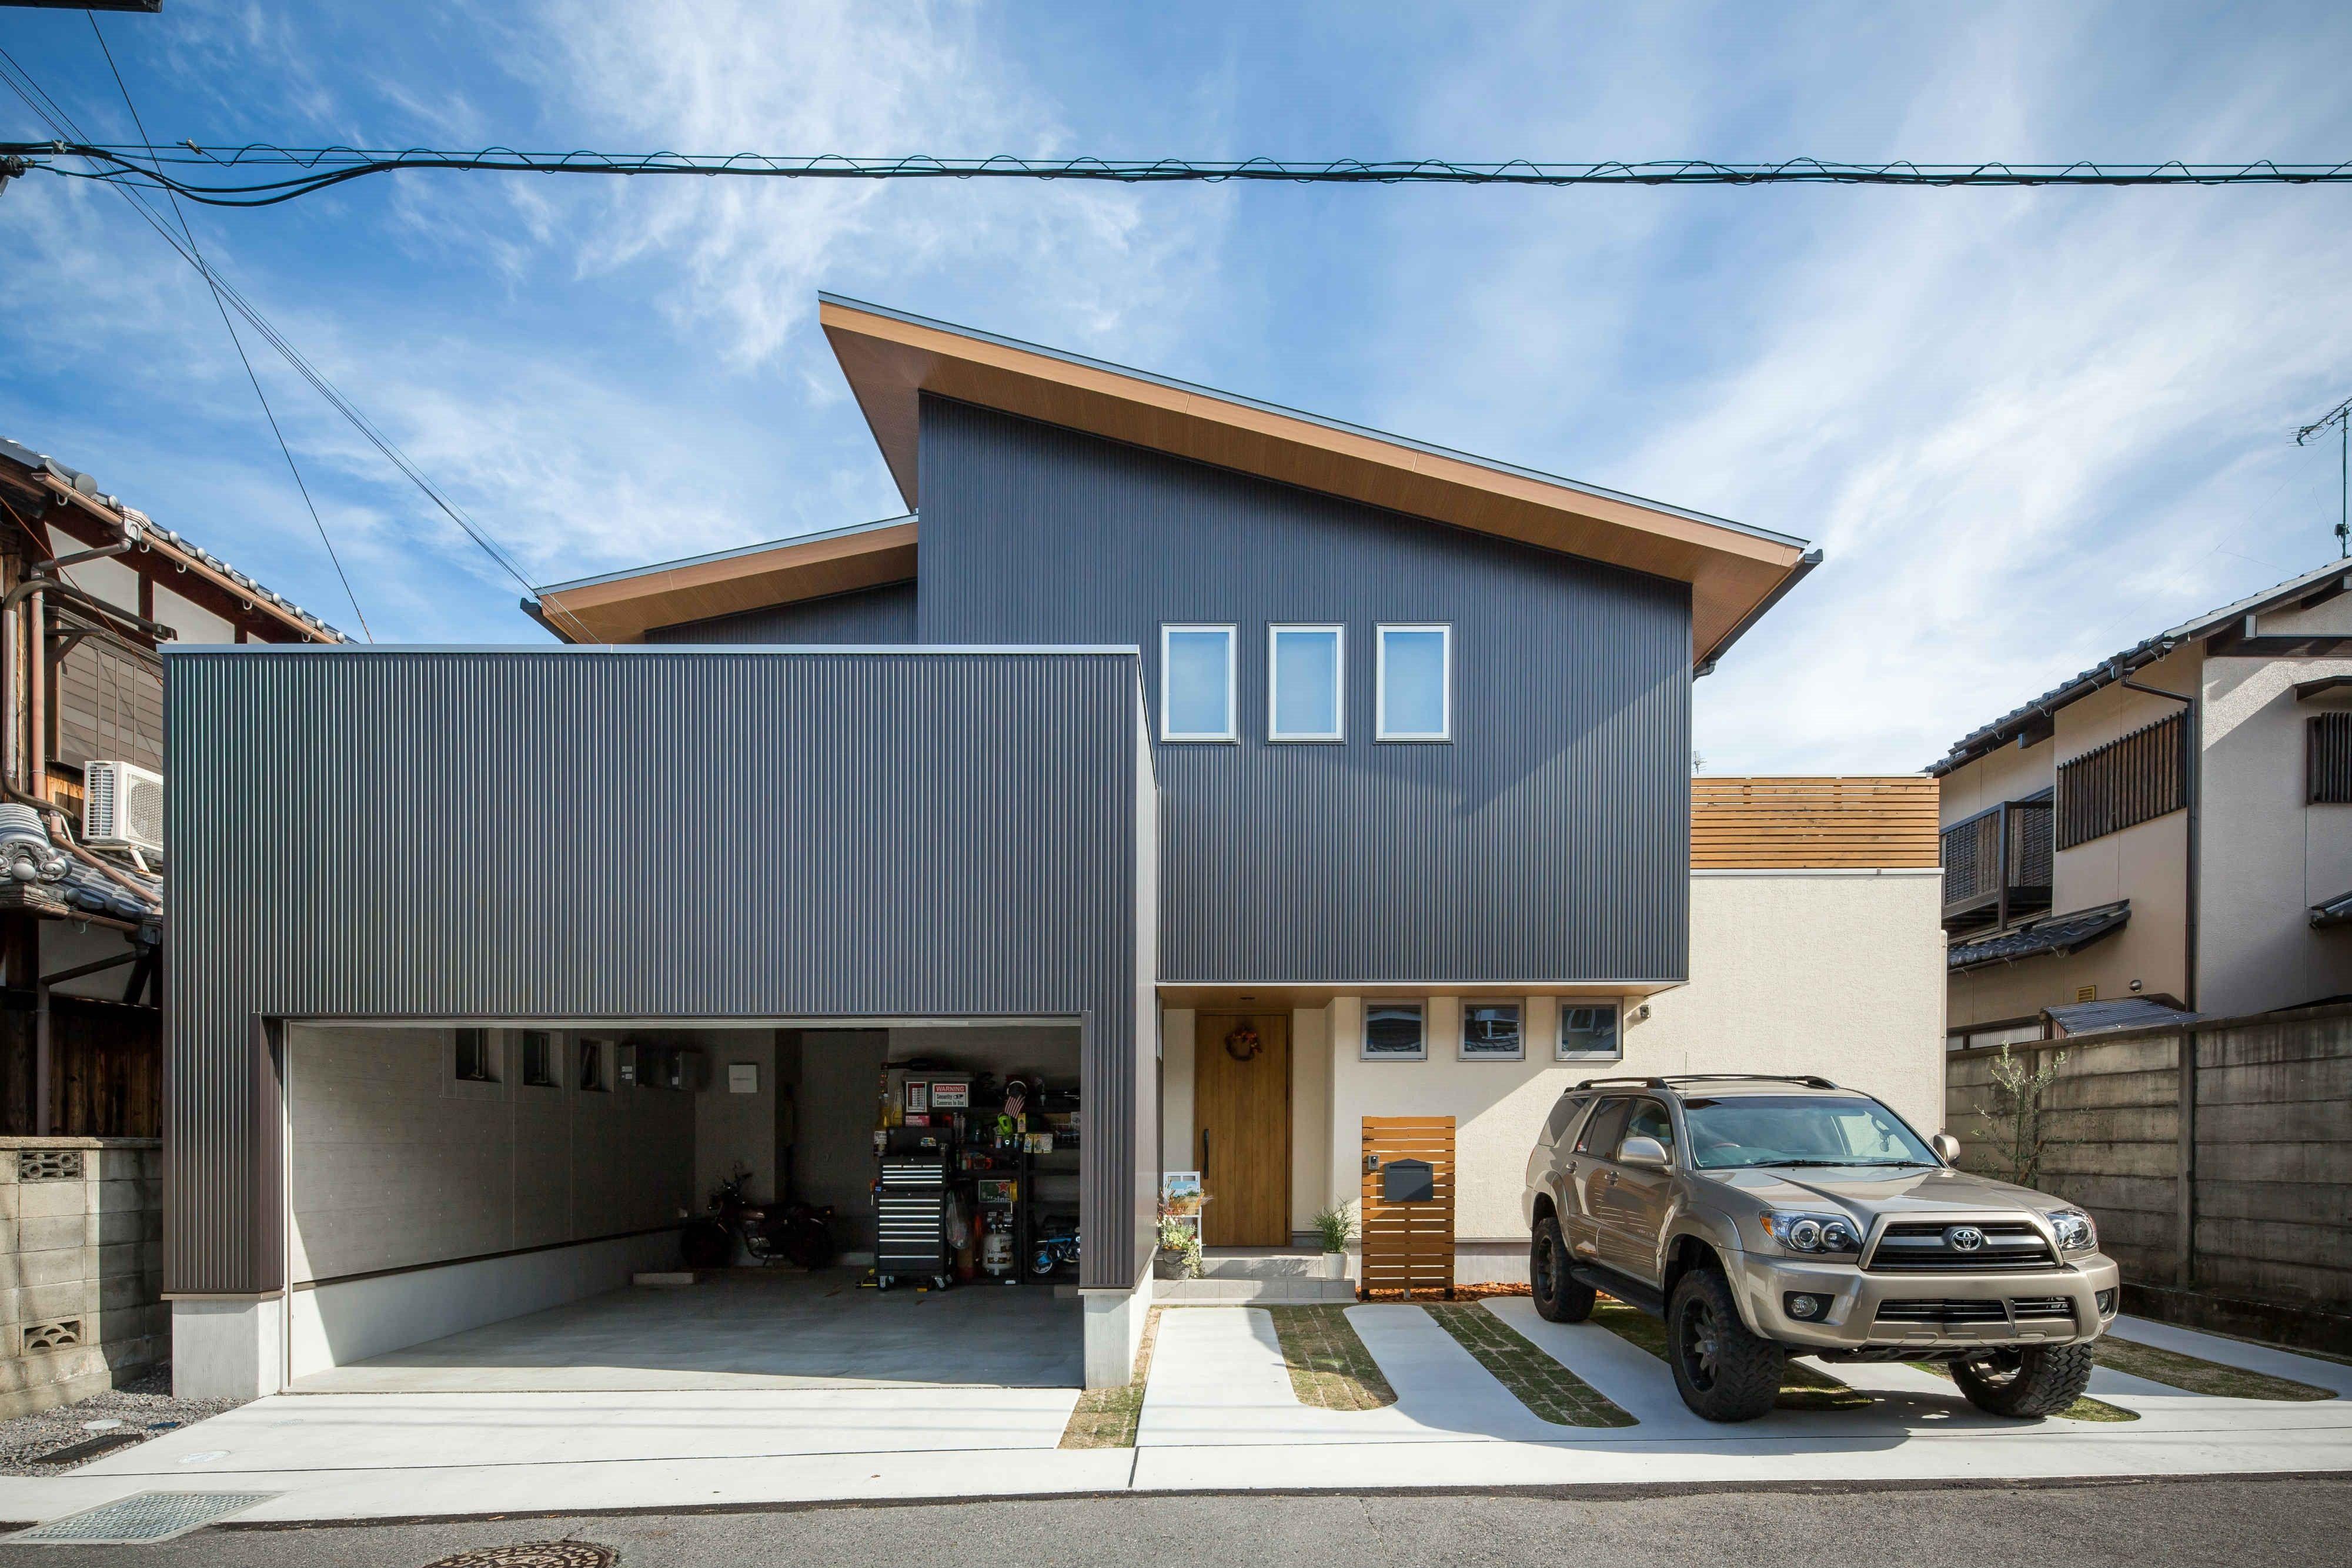 ビルトインガレージのある二世帯住宅 ルポハウス 設計士とつくる家 注文住宅 デザインハウス 自由設計 マイホーム 家づくり 施工事例 滋賀 おしゃれ 外観 平屋 外観 和モダン ビルトインガレージ ガレージ外観